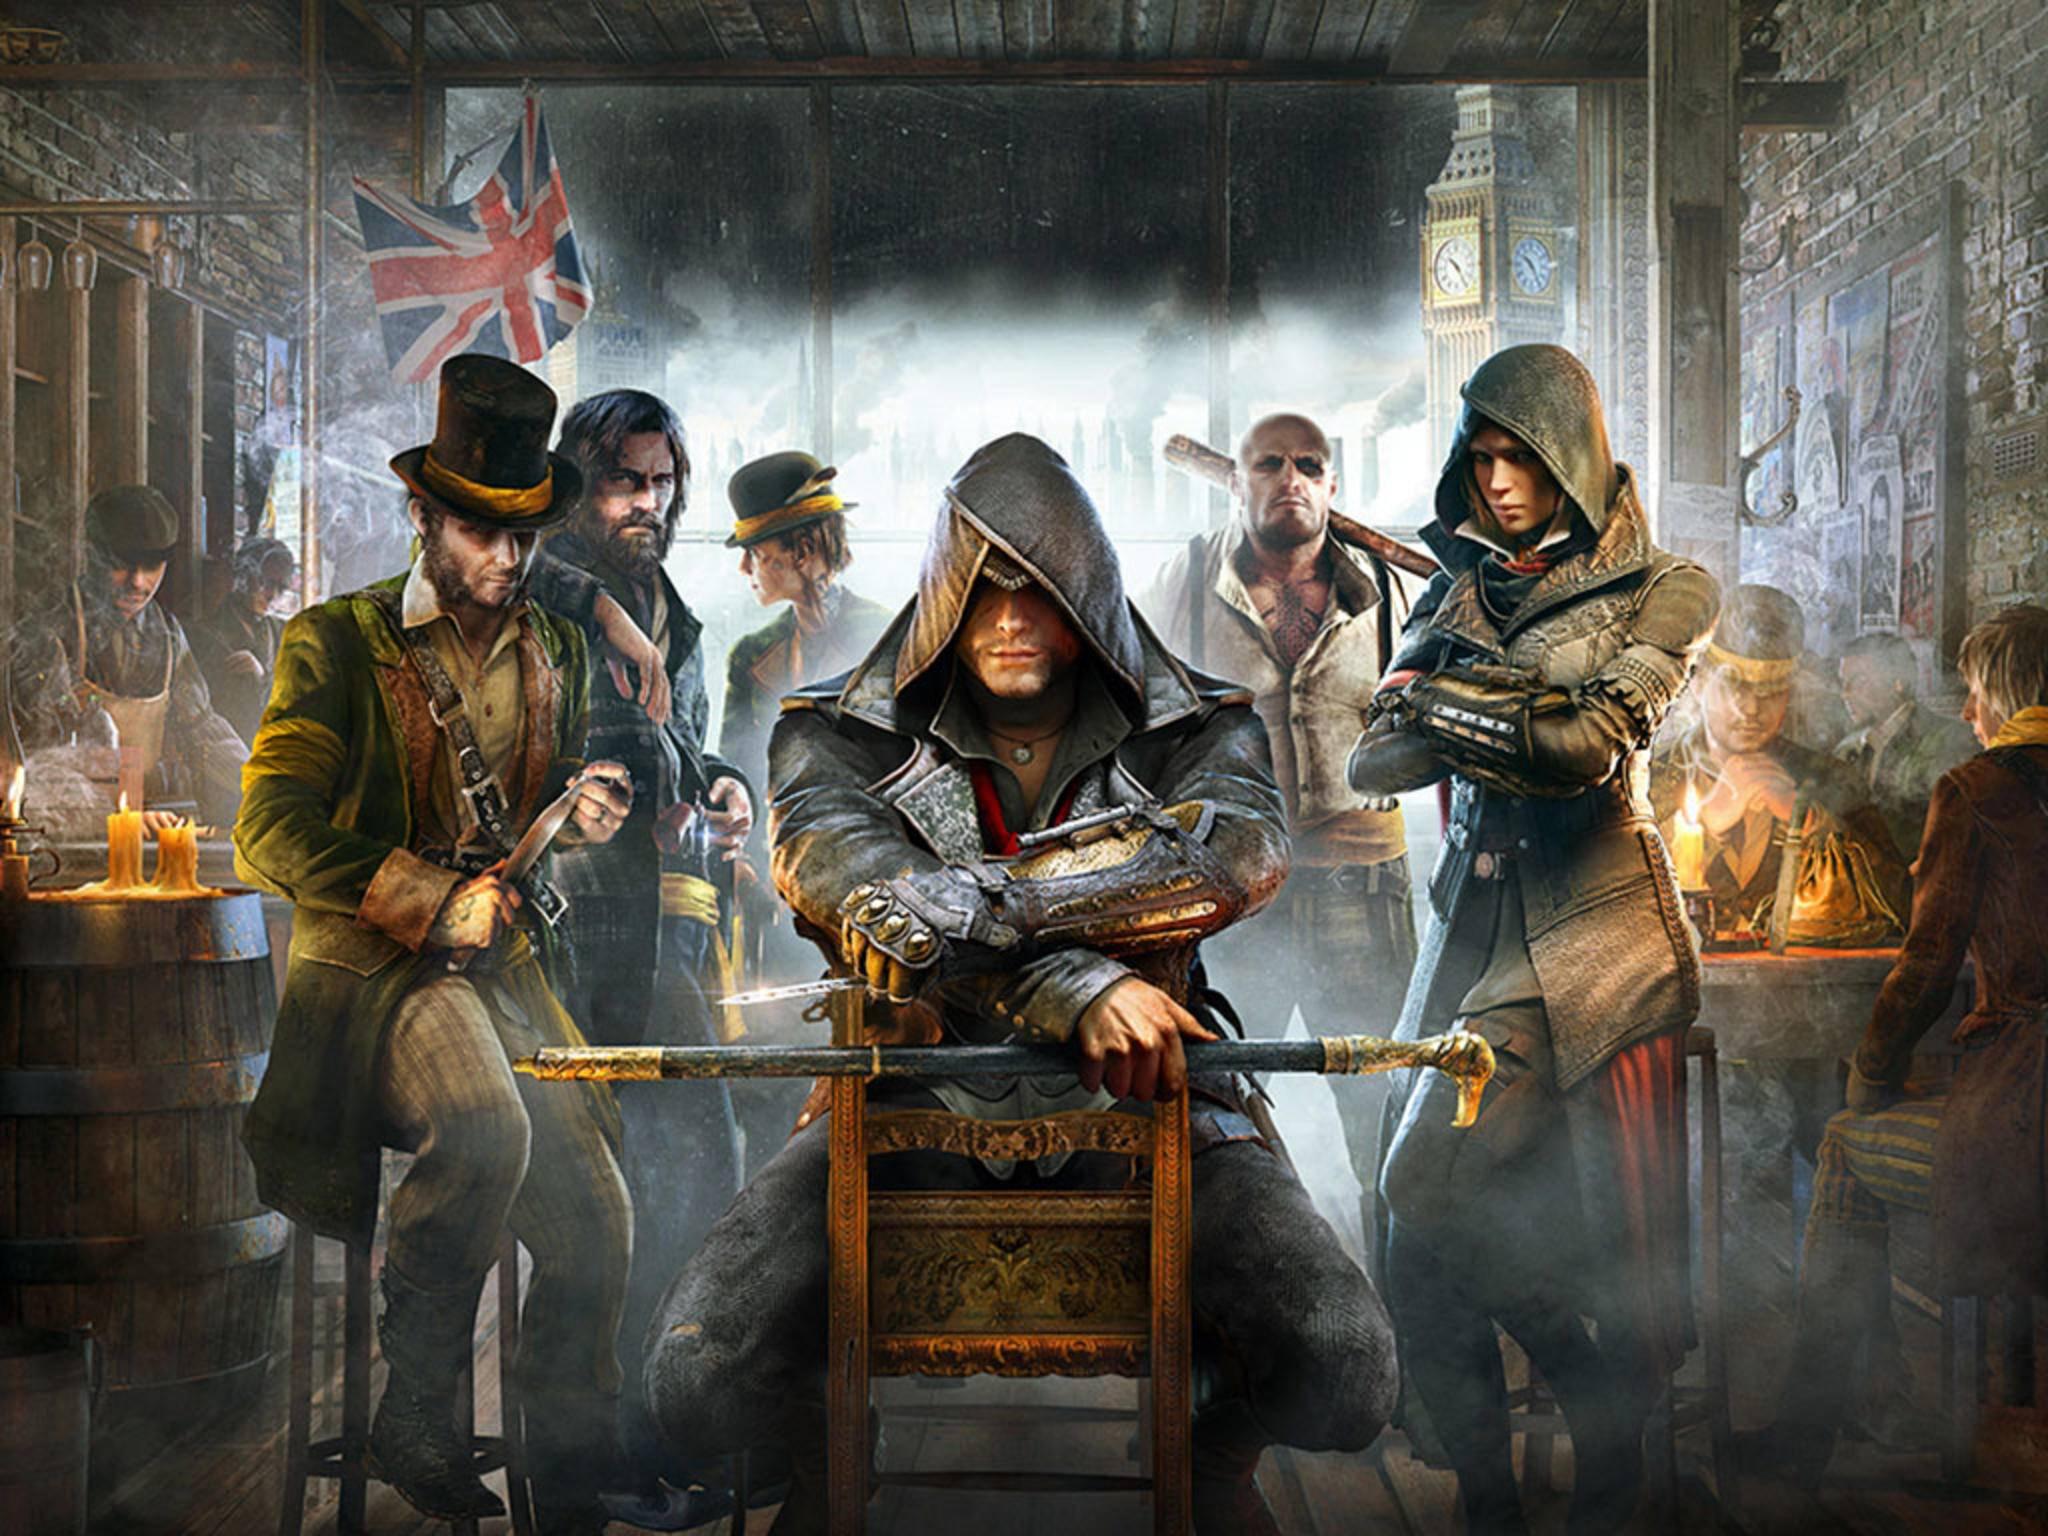 Assassin's Creed Syndicate: Wird Ubisoft mehr dazu auf der E3 verraten?